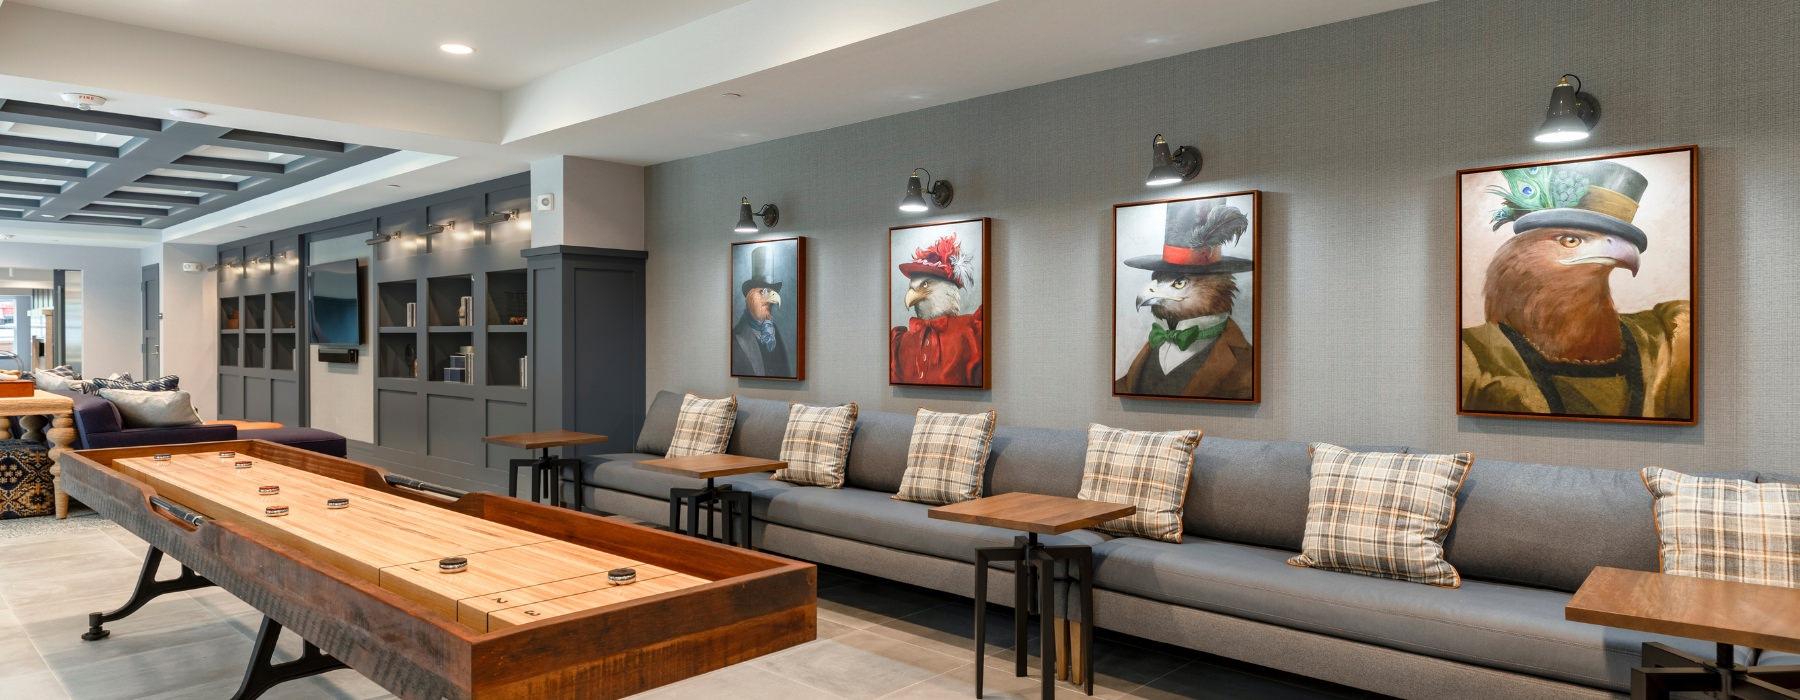 Delwyn Lounge